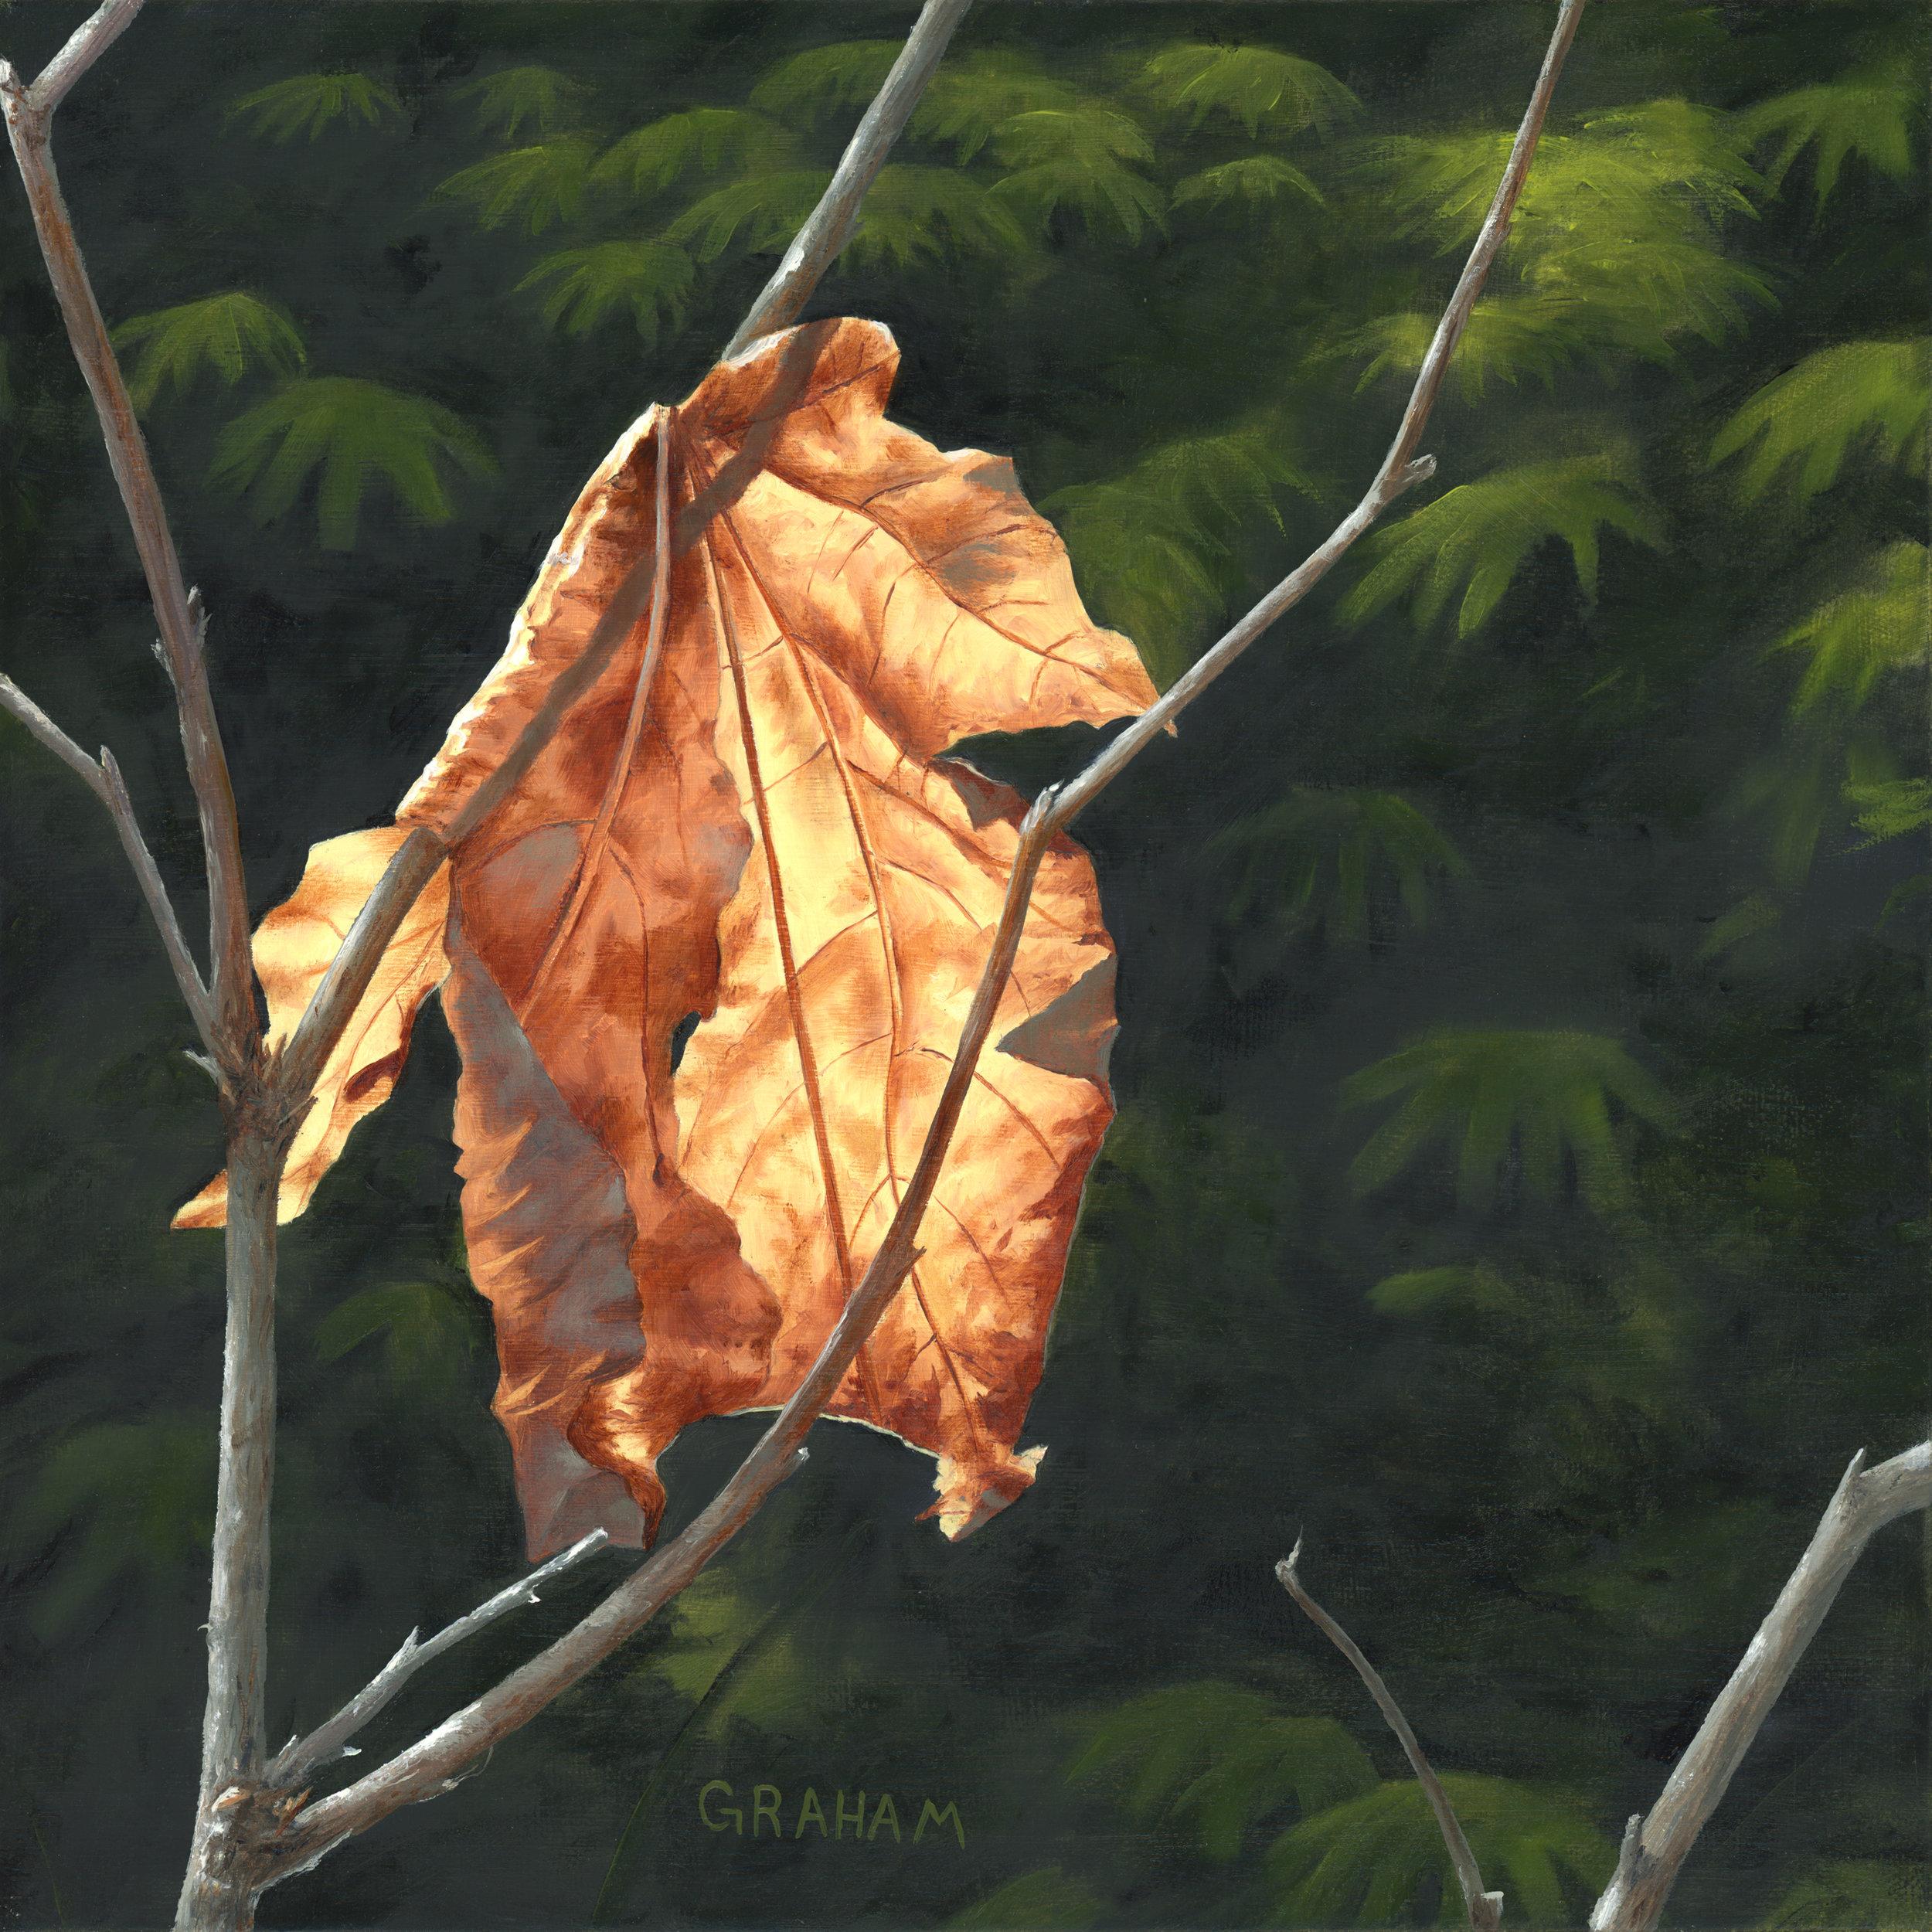 Autumn In August 1.jpg